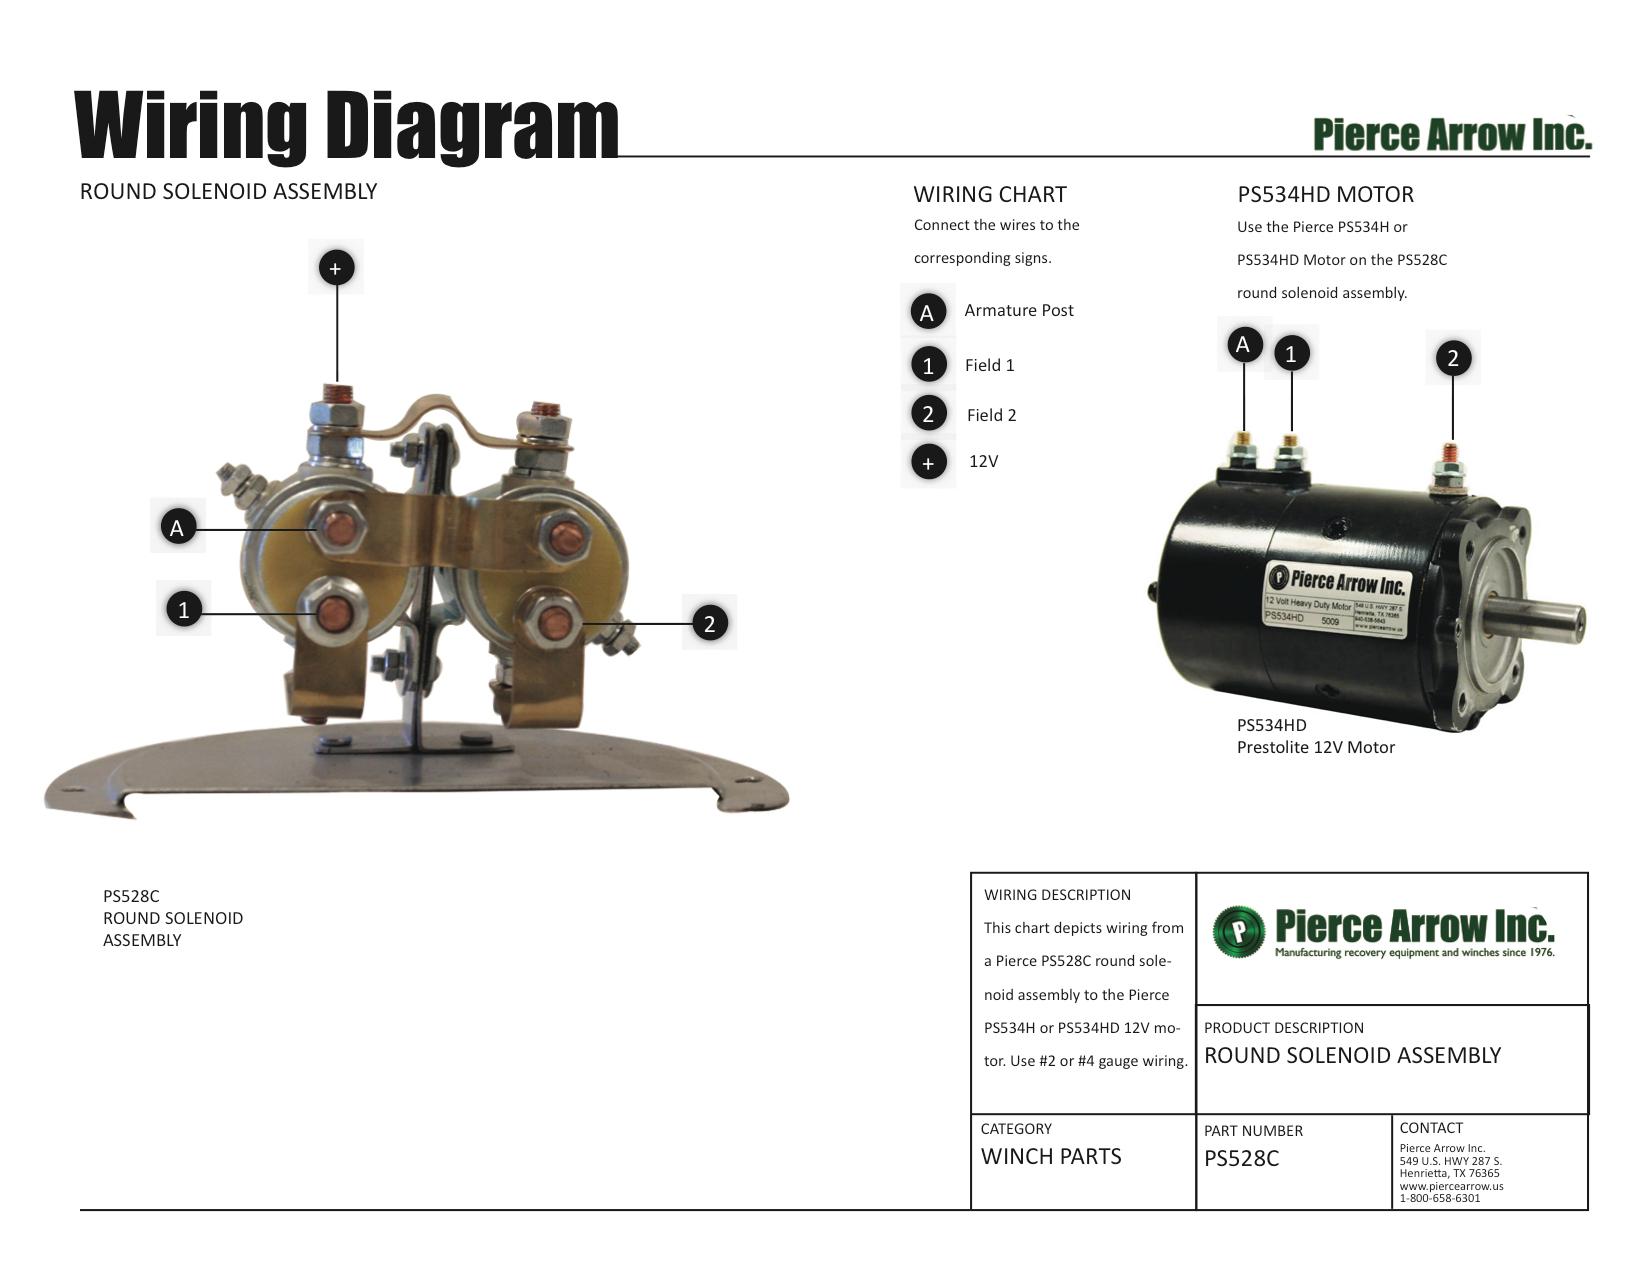 Pierce Arrow Winch Diagrams - Solenoid Wiring Diagram